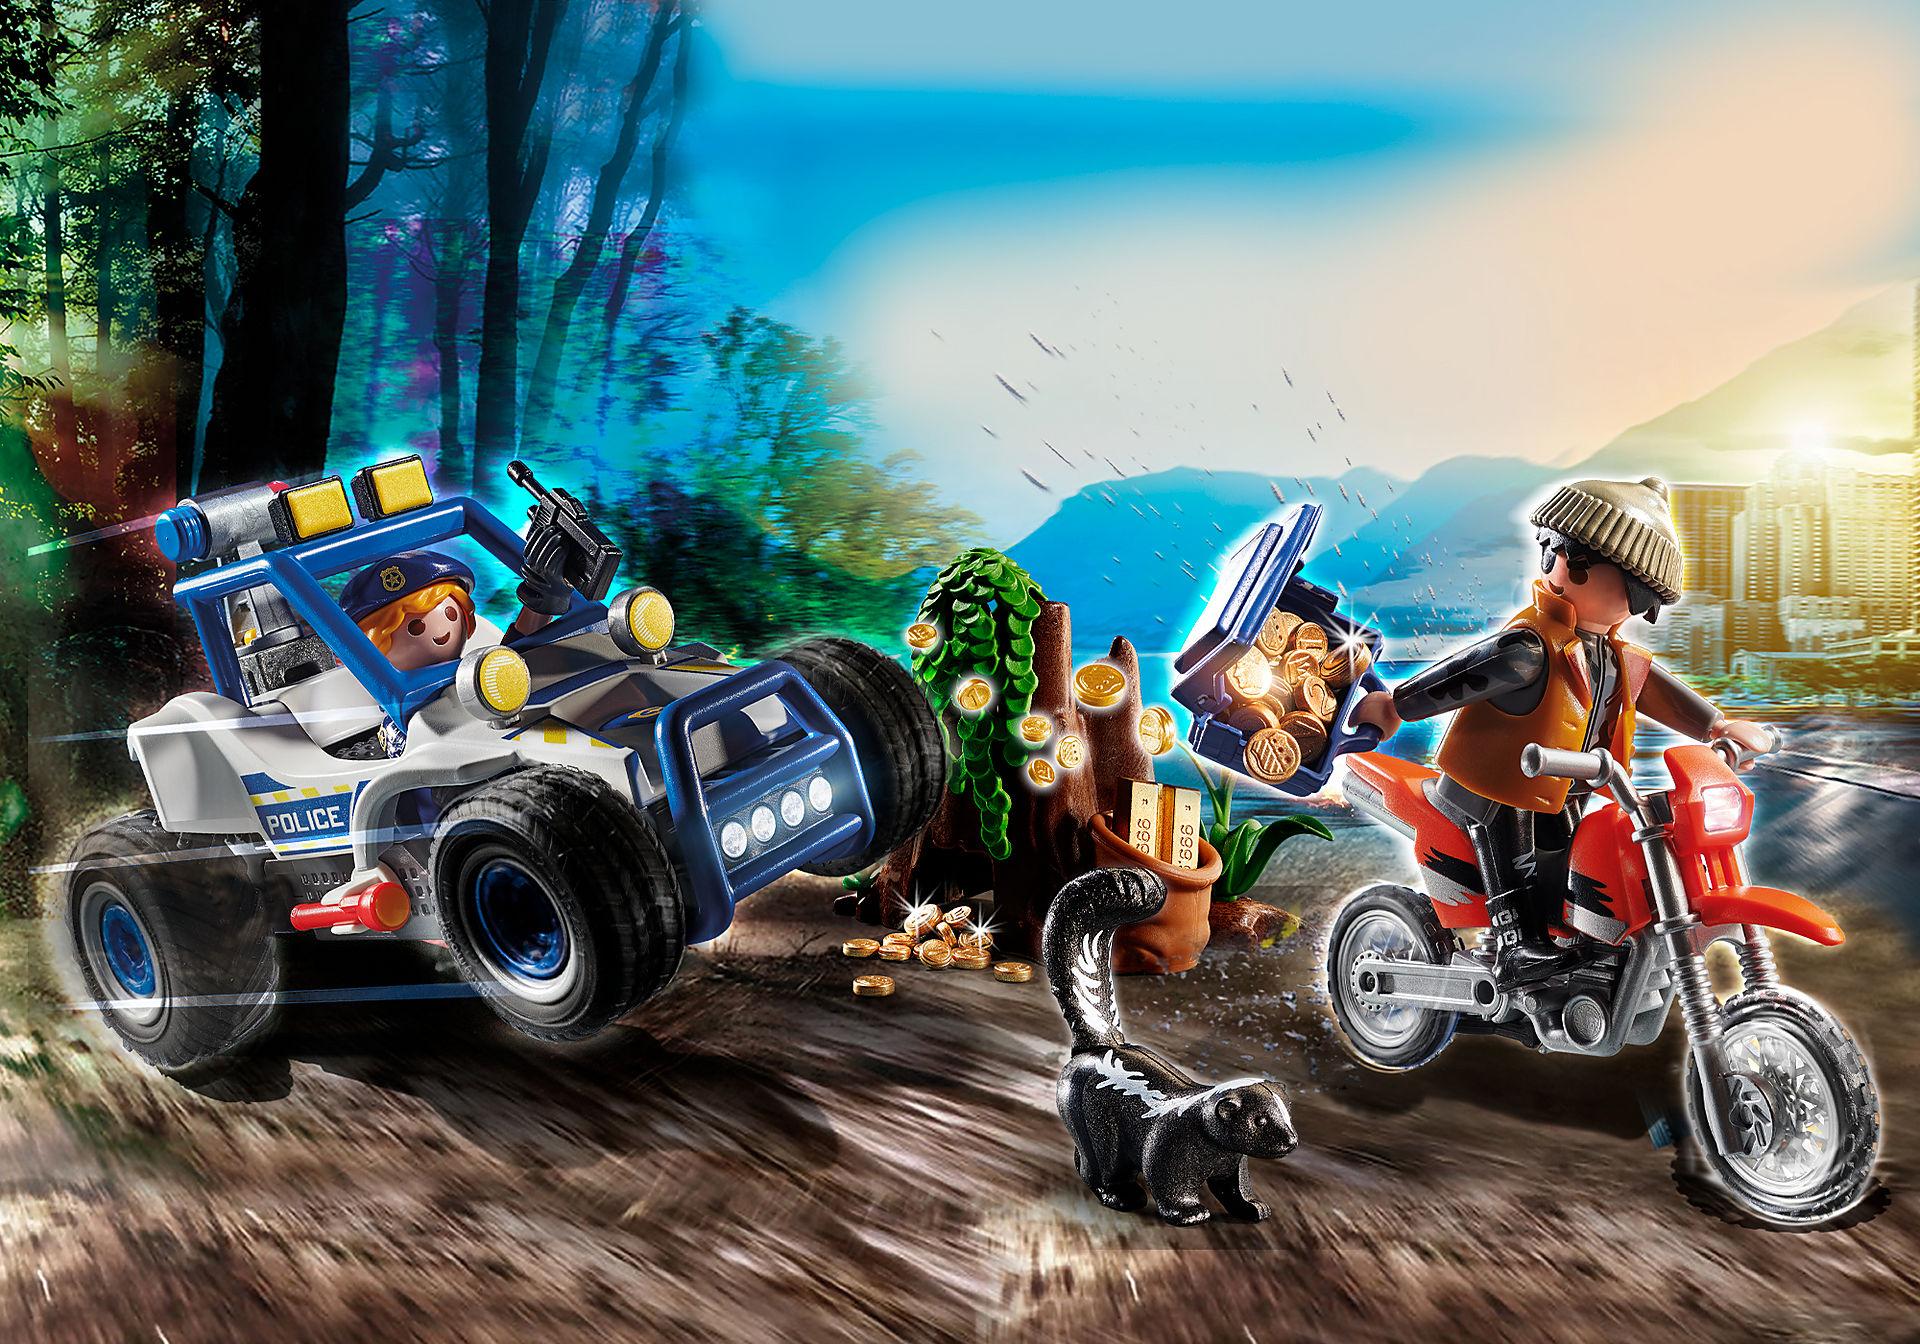 70570 Policyjny samochód terenowy: Pościg za złodziejem skarbu zoom image1